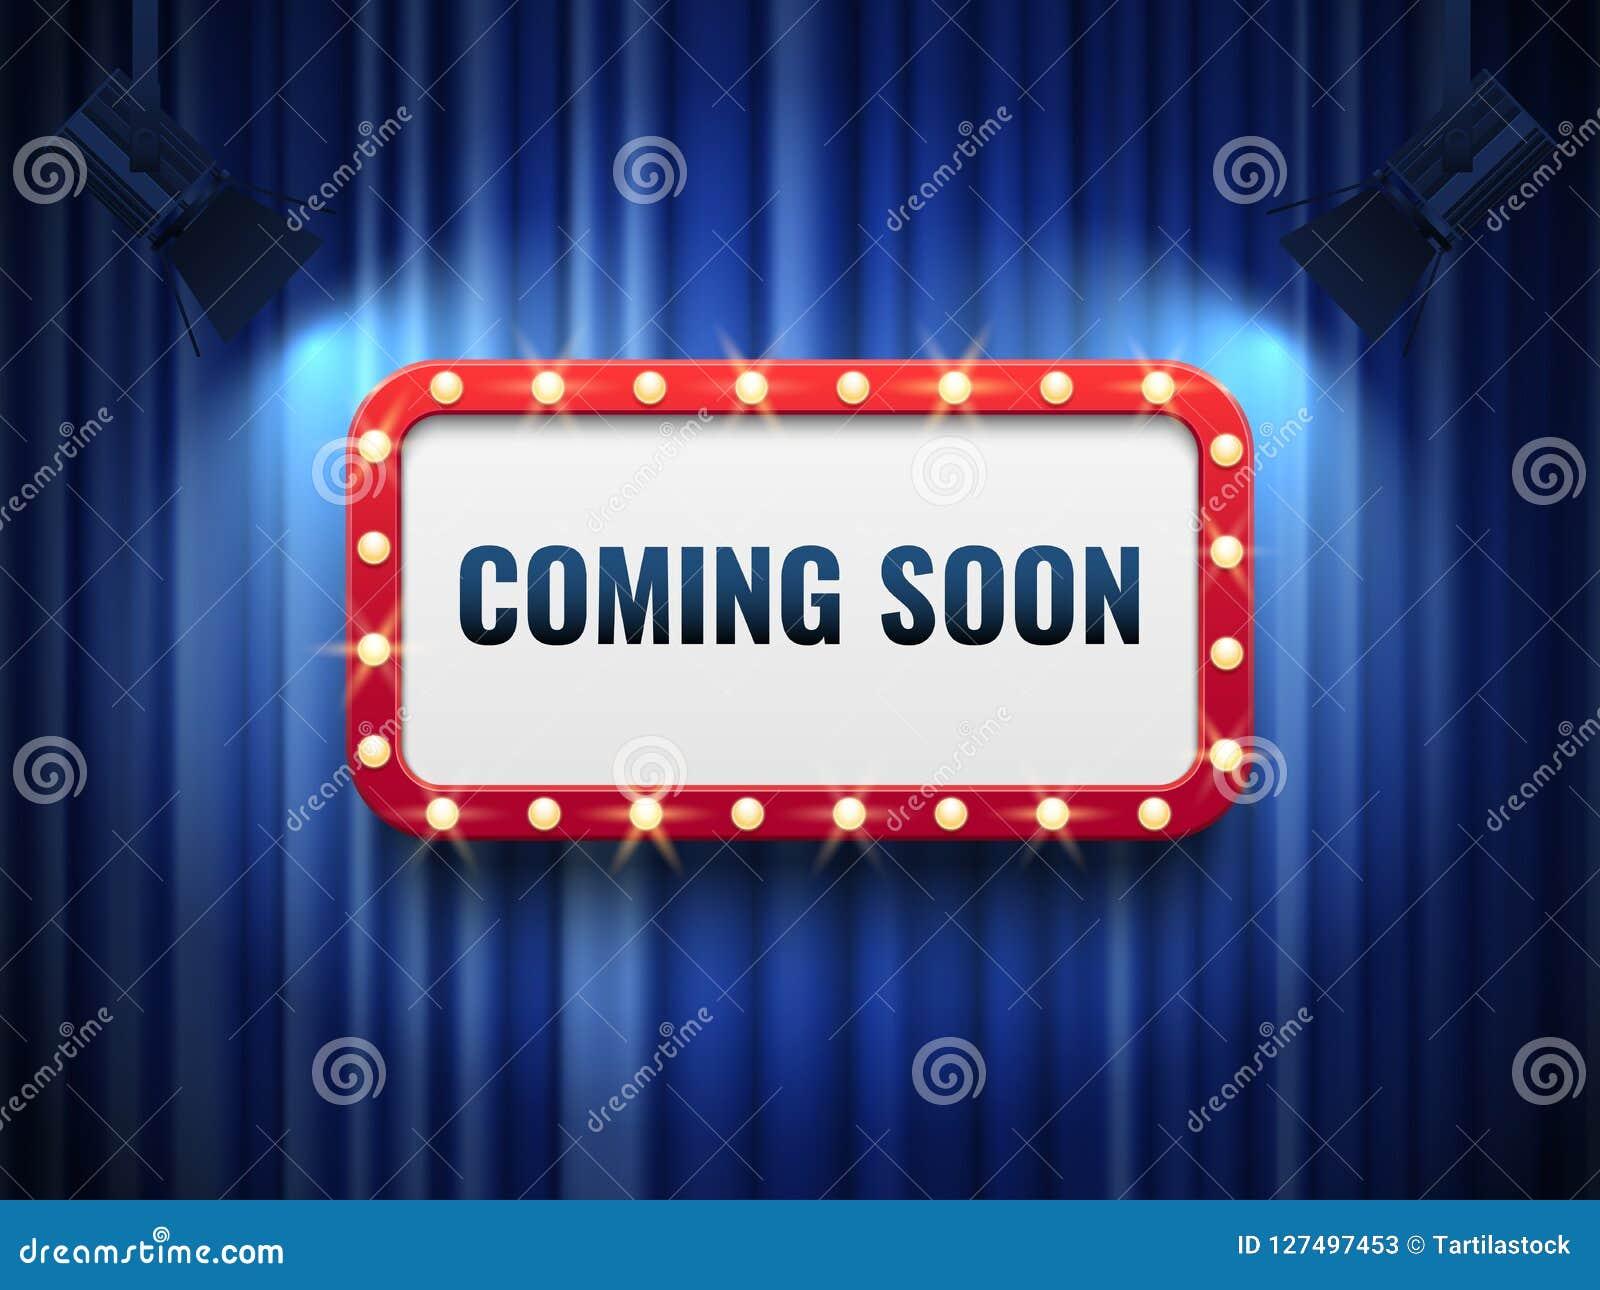 很快来的背景 与蓝色帷幕的特别公告概念,聚光灯和轻的大门罩签字 向量